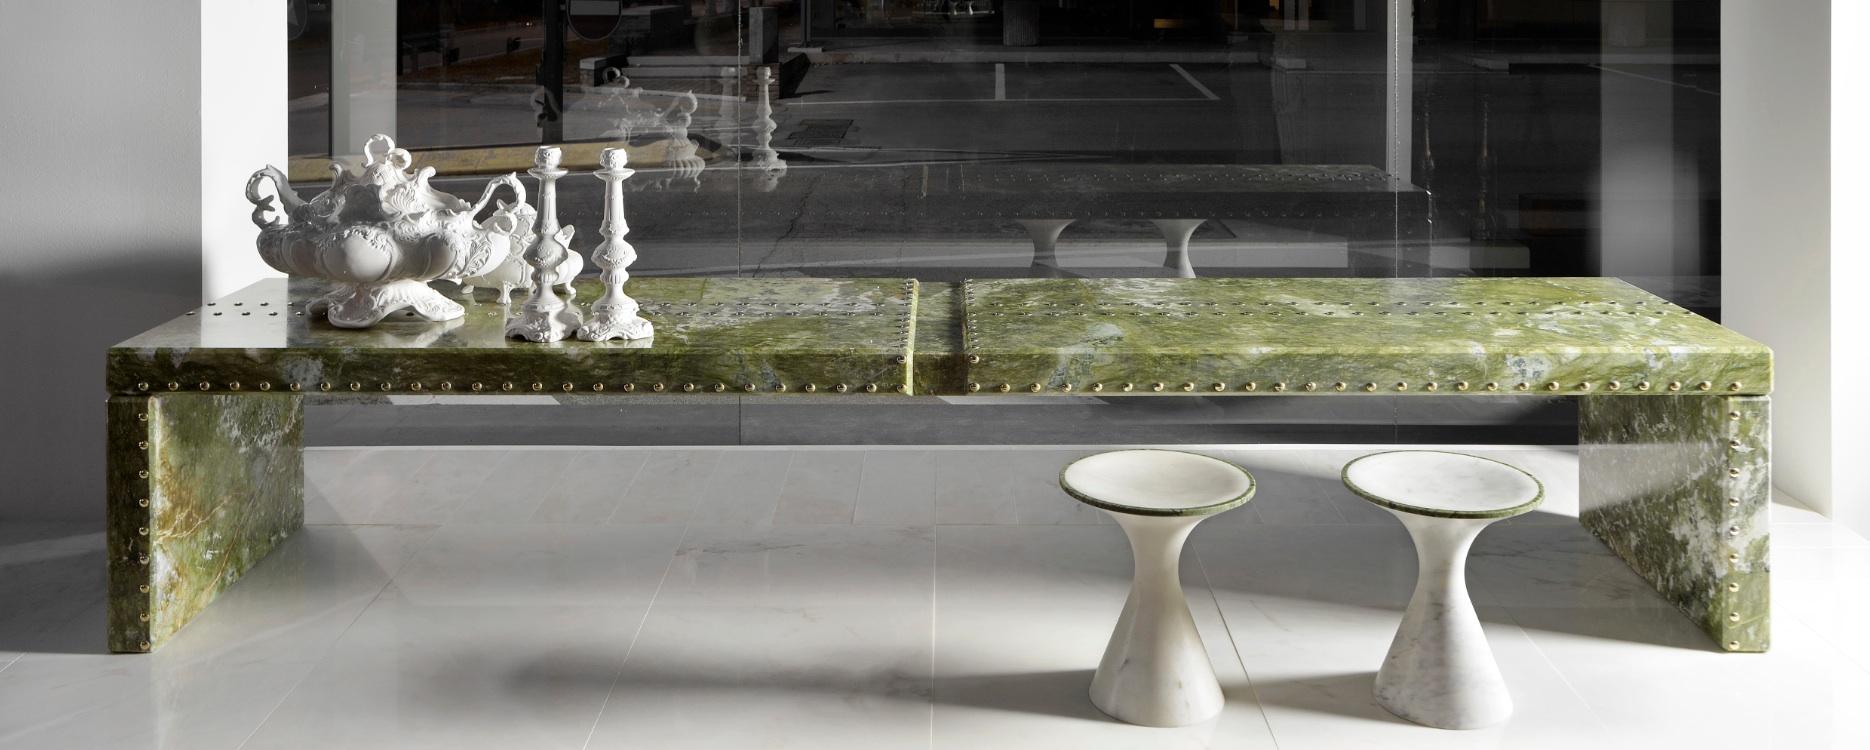 IBRIDO Decormarmi Design: Sonja Vizzini